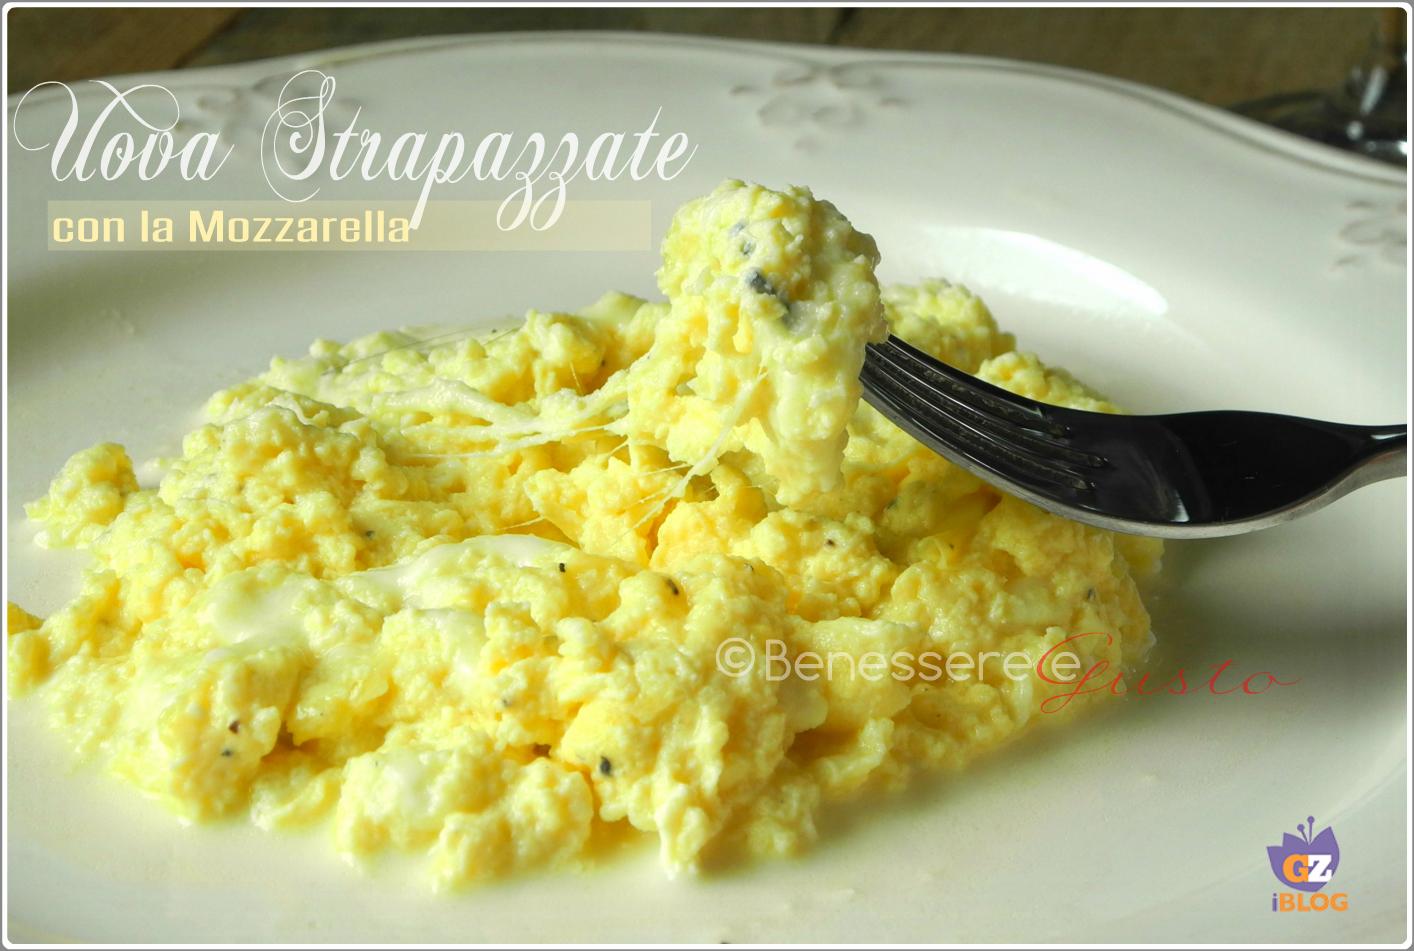 Ricetta Per Uova Strapazzate Giallozafferano.Conserve Di Zucchine Calorie Uova Strapazzate